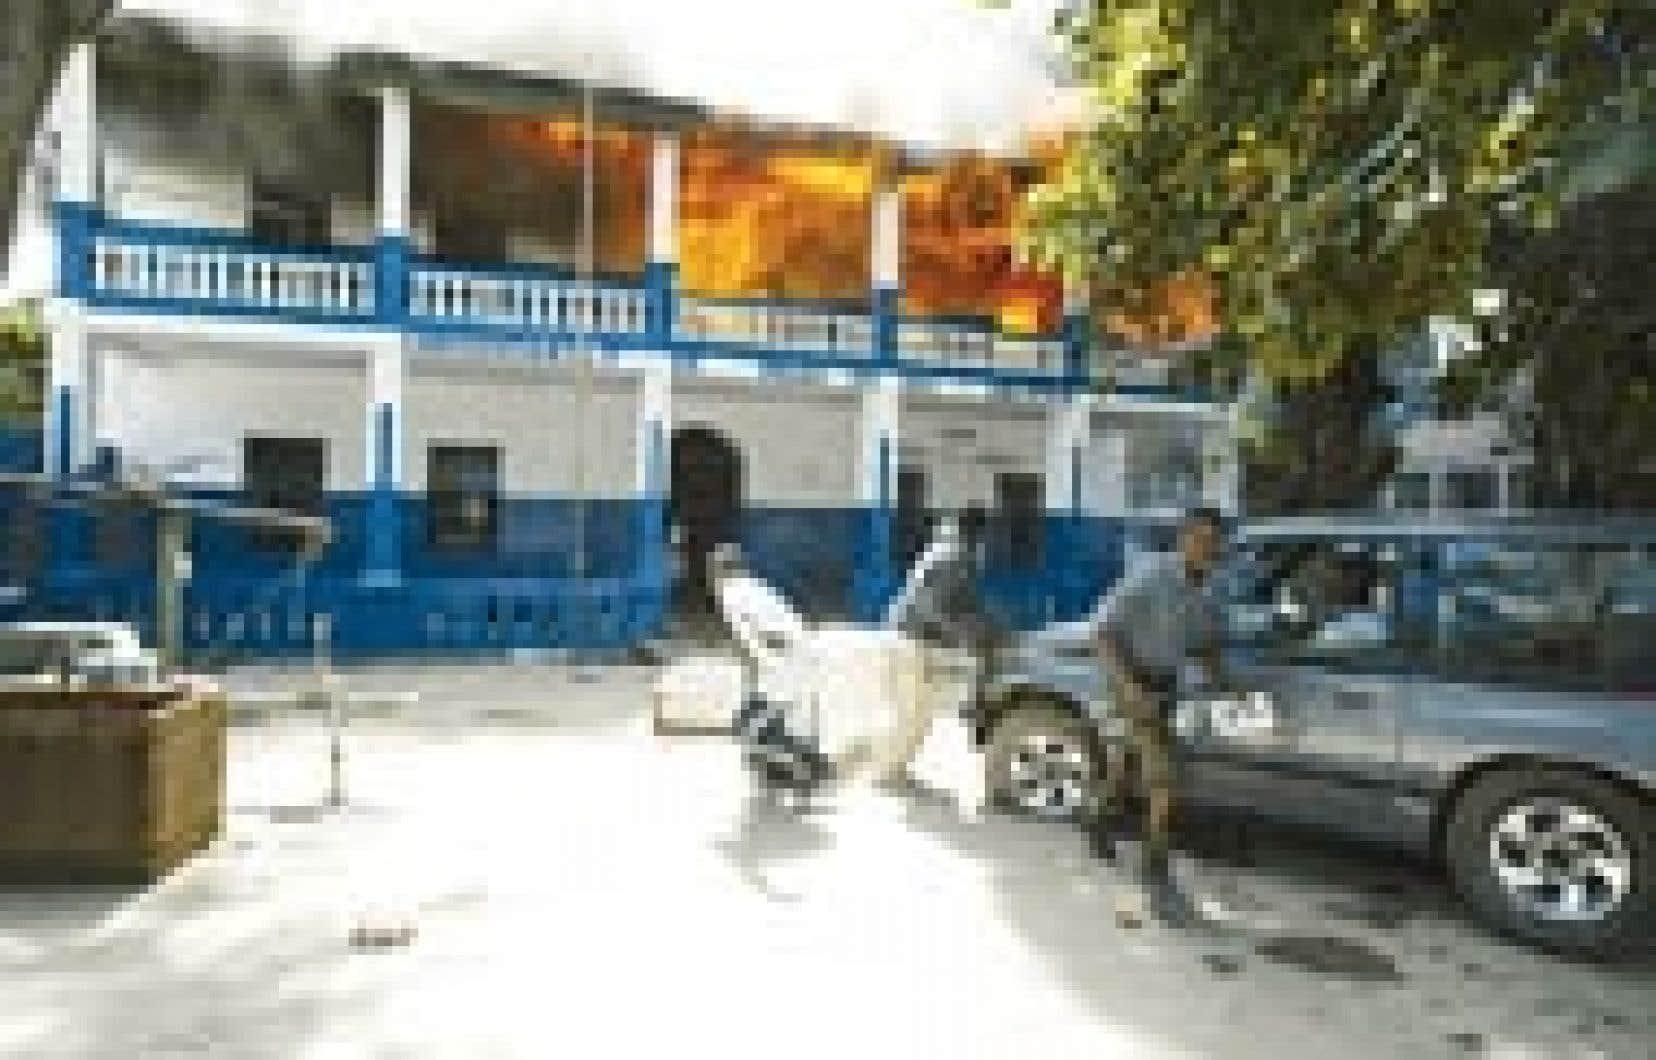 La prise de Cap-Haïtien, deuxième ville du pays, par les rebelles a fait trois morts dont au moins deux parmi les partisans du président haïtien. Le commissariat et la prison, dont ont été libérés les prisonniers, ont été pillés puis incendié